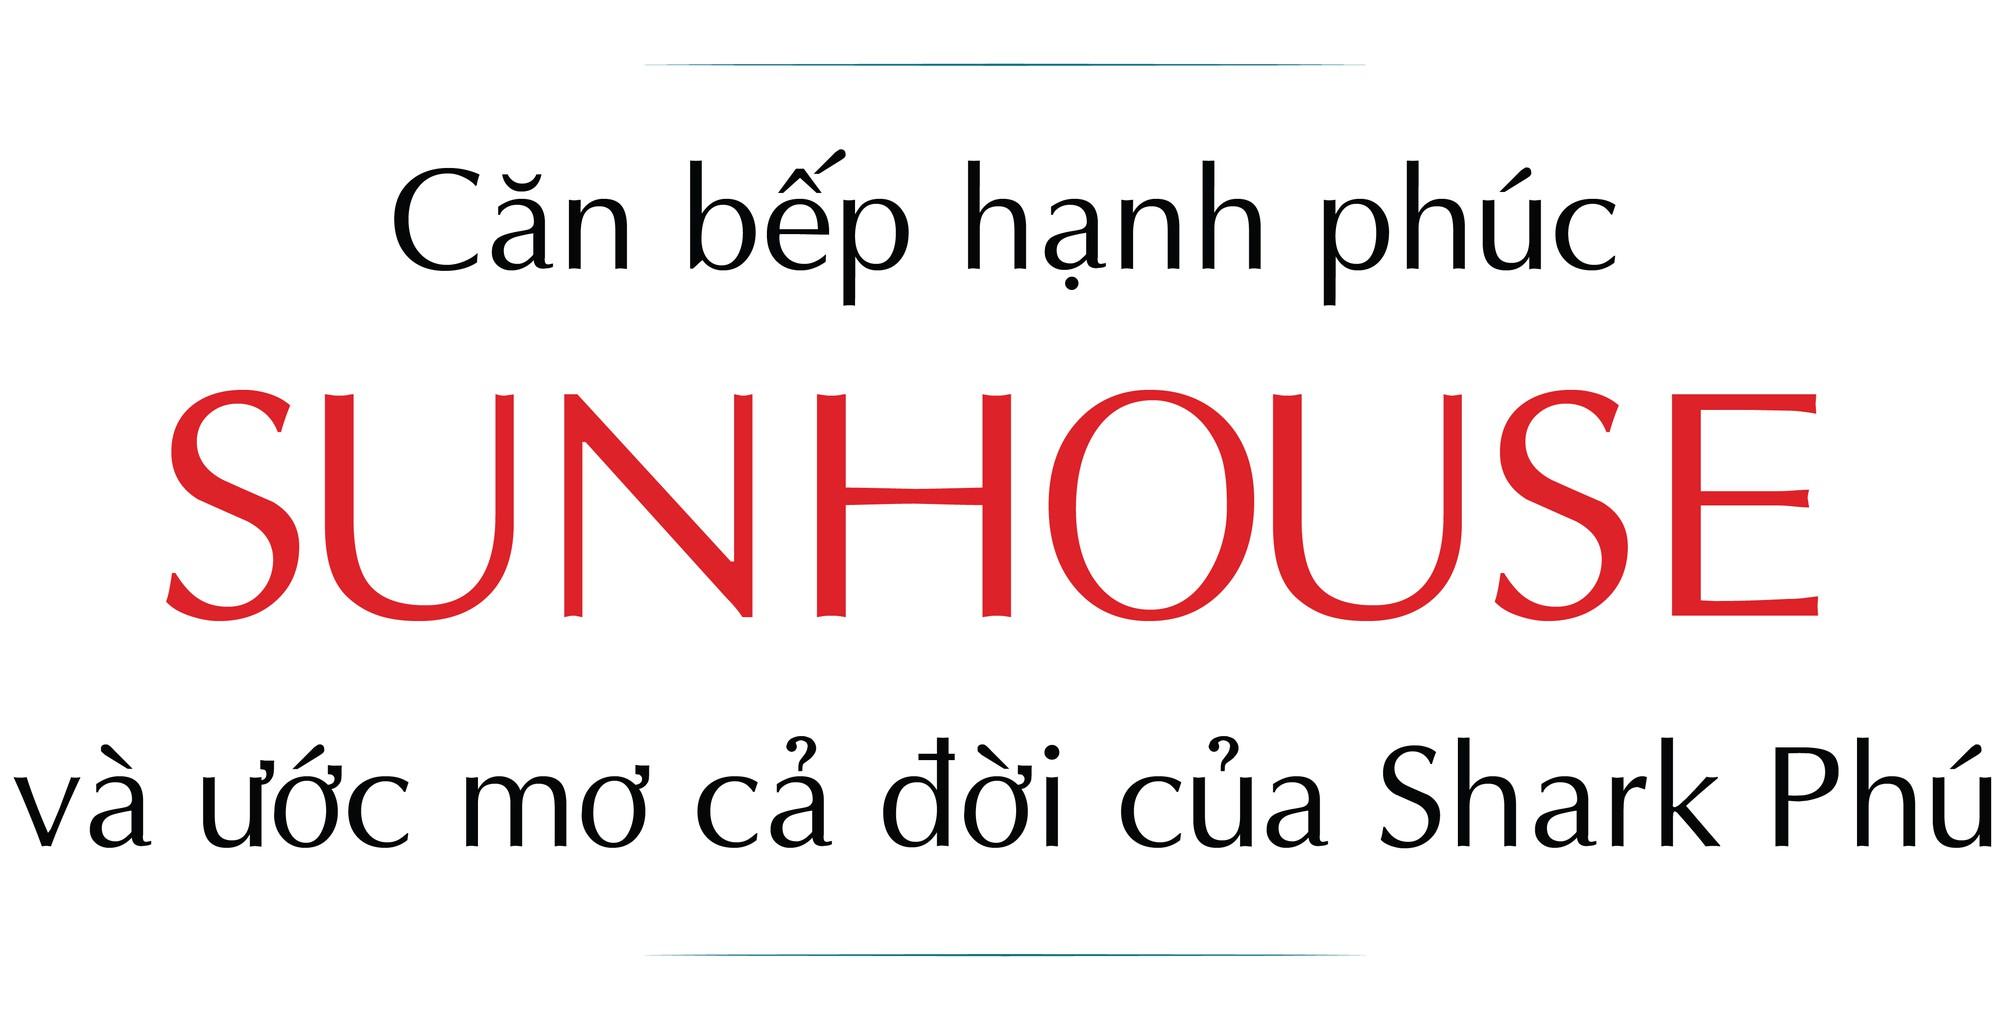 Căn bếp hạnh phúc SUNHOUSE và ước mơ cả đời của Shark Phú - Ảnh 1.